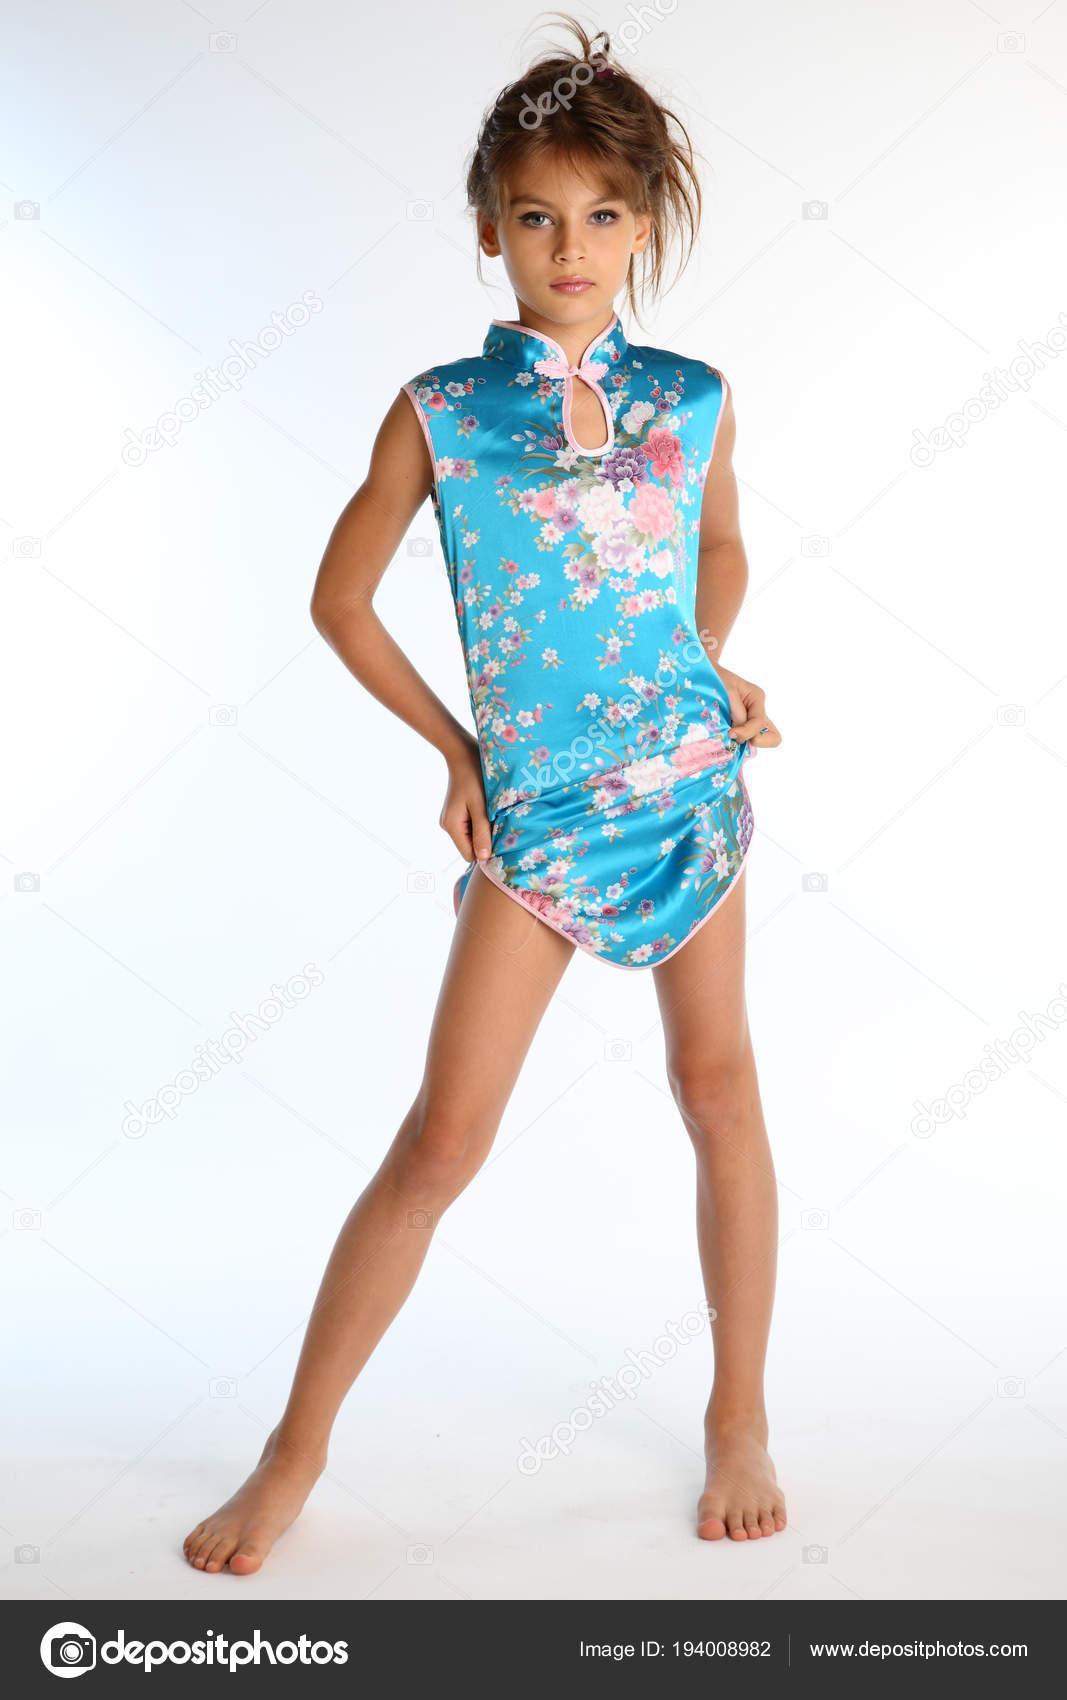 Cherish Nn Model  New Girl Wallpaper-9277